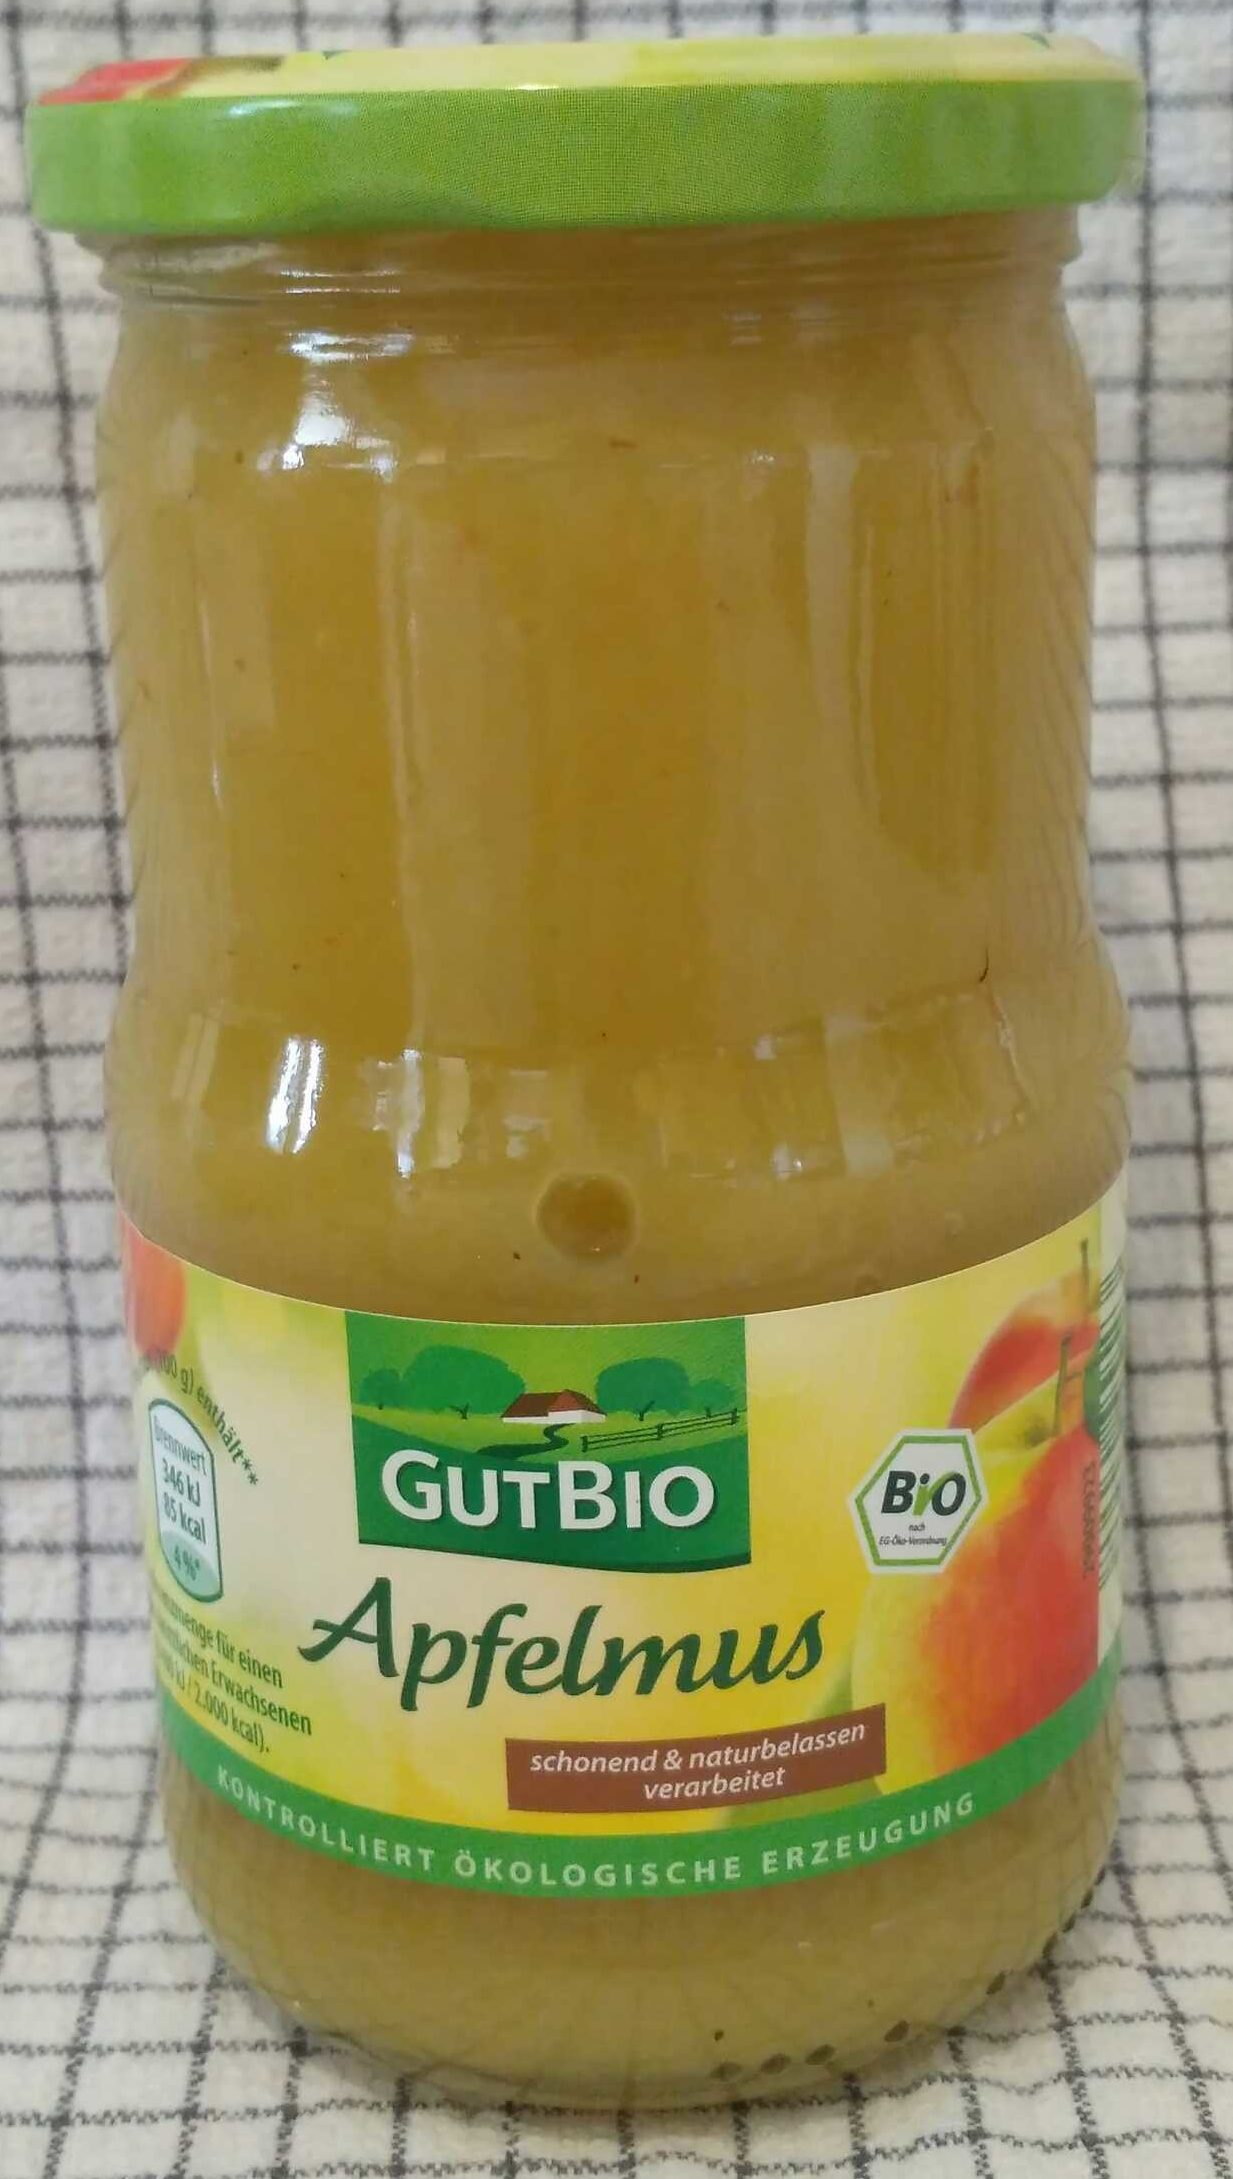 Apfelmus - Product - de